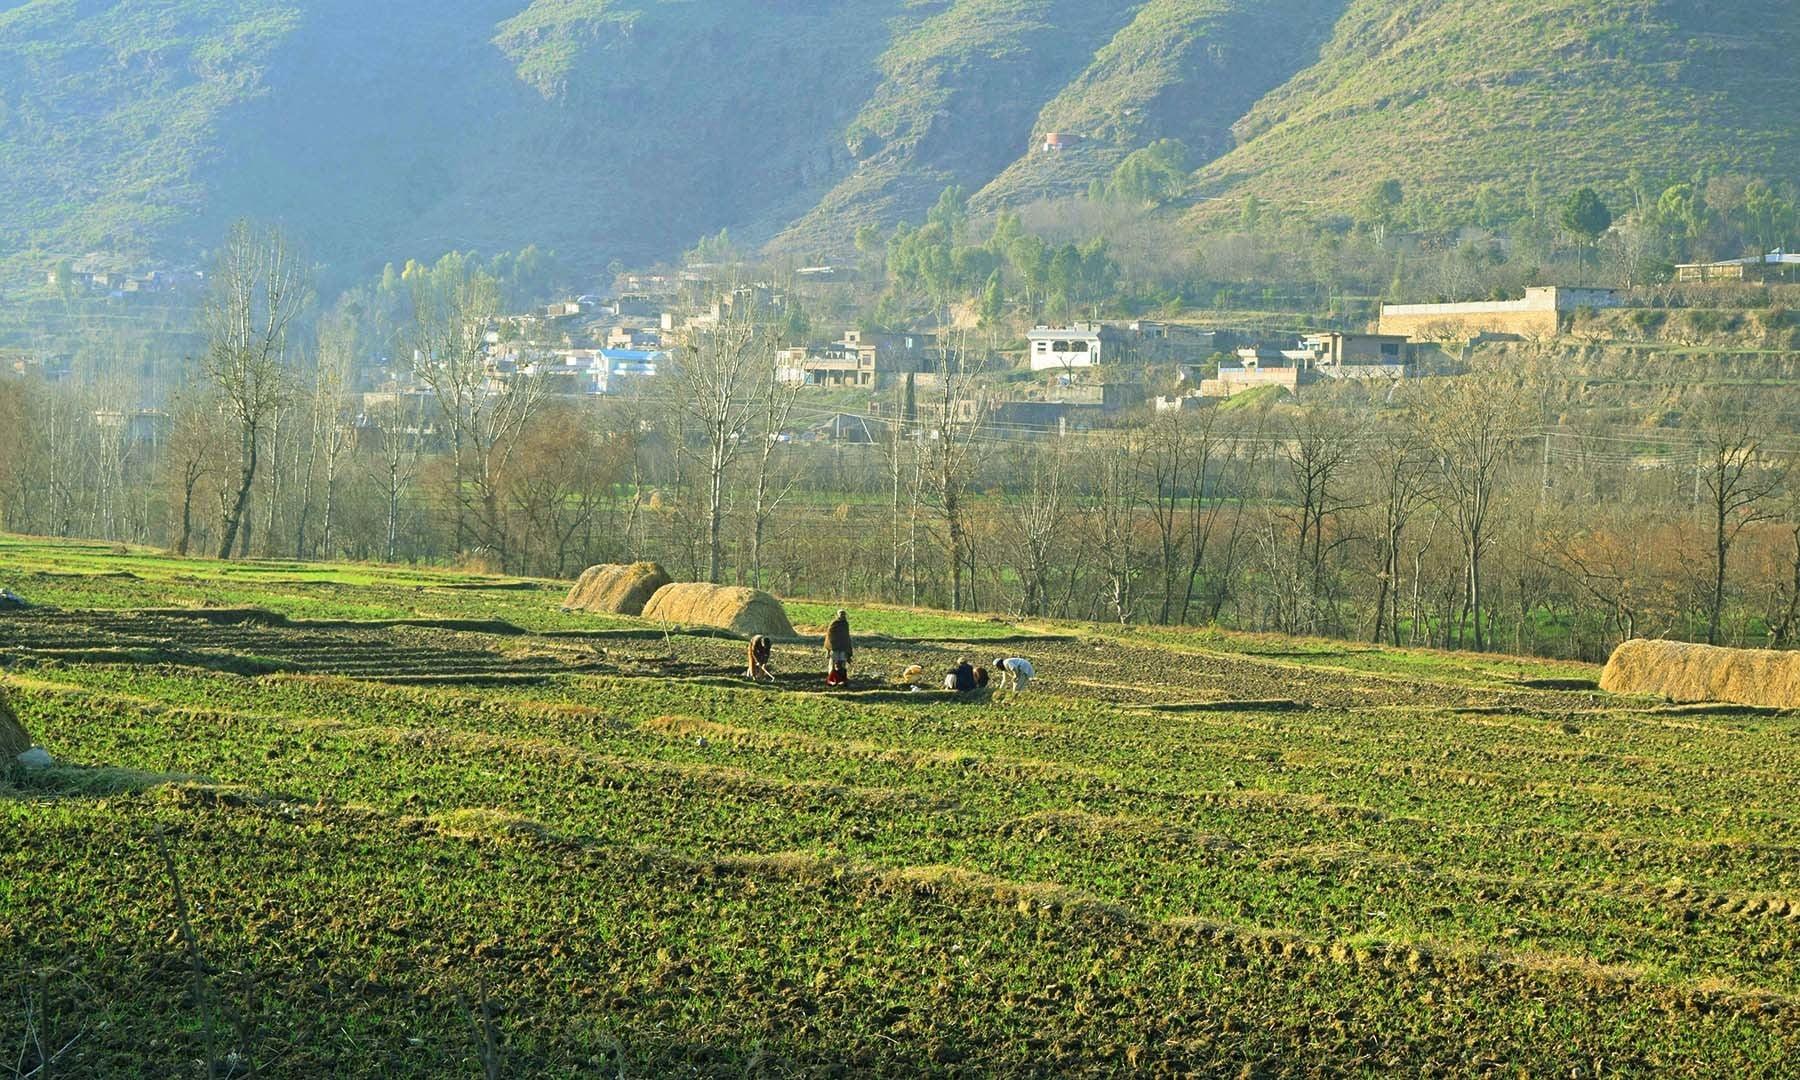 زیادہ تر مقامی لوگوں کا پیشہ کھیتی باڑی ہے.